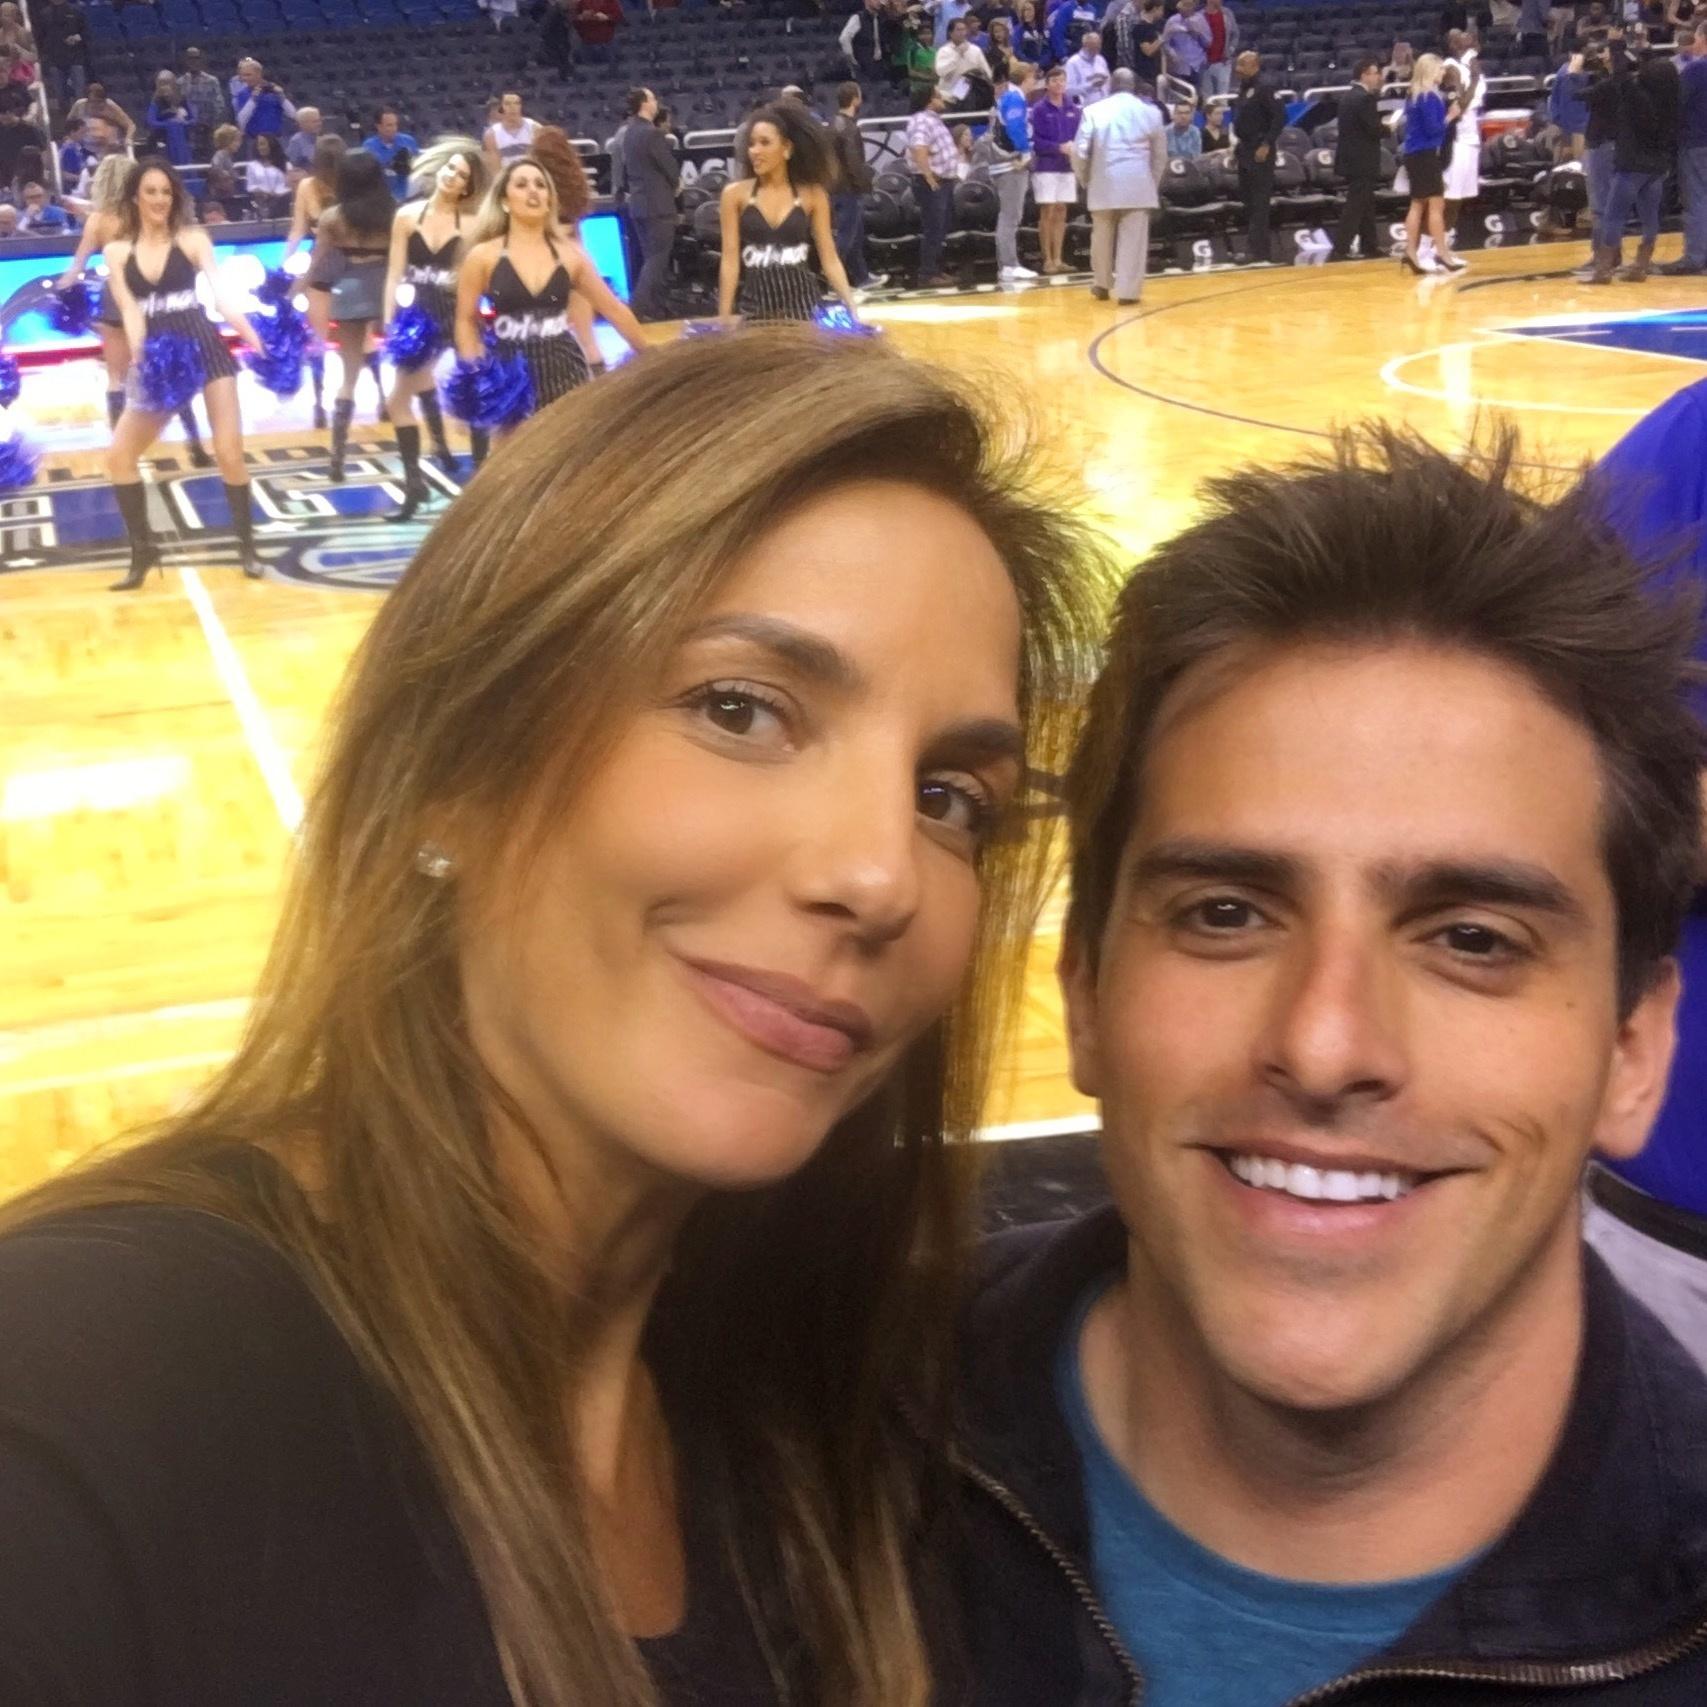 Rodrigo Branco também levou Ivete Sangalo para curtir um jogo da NBA, liga norte-americana de basquete